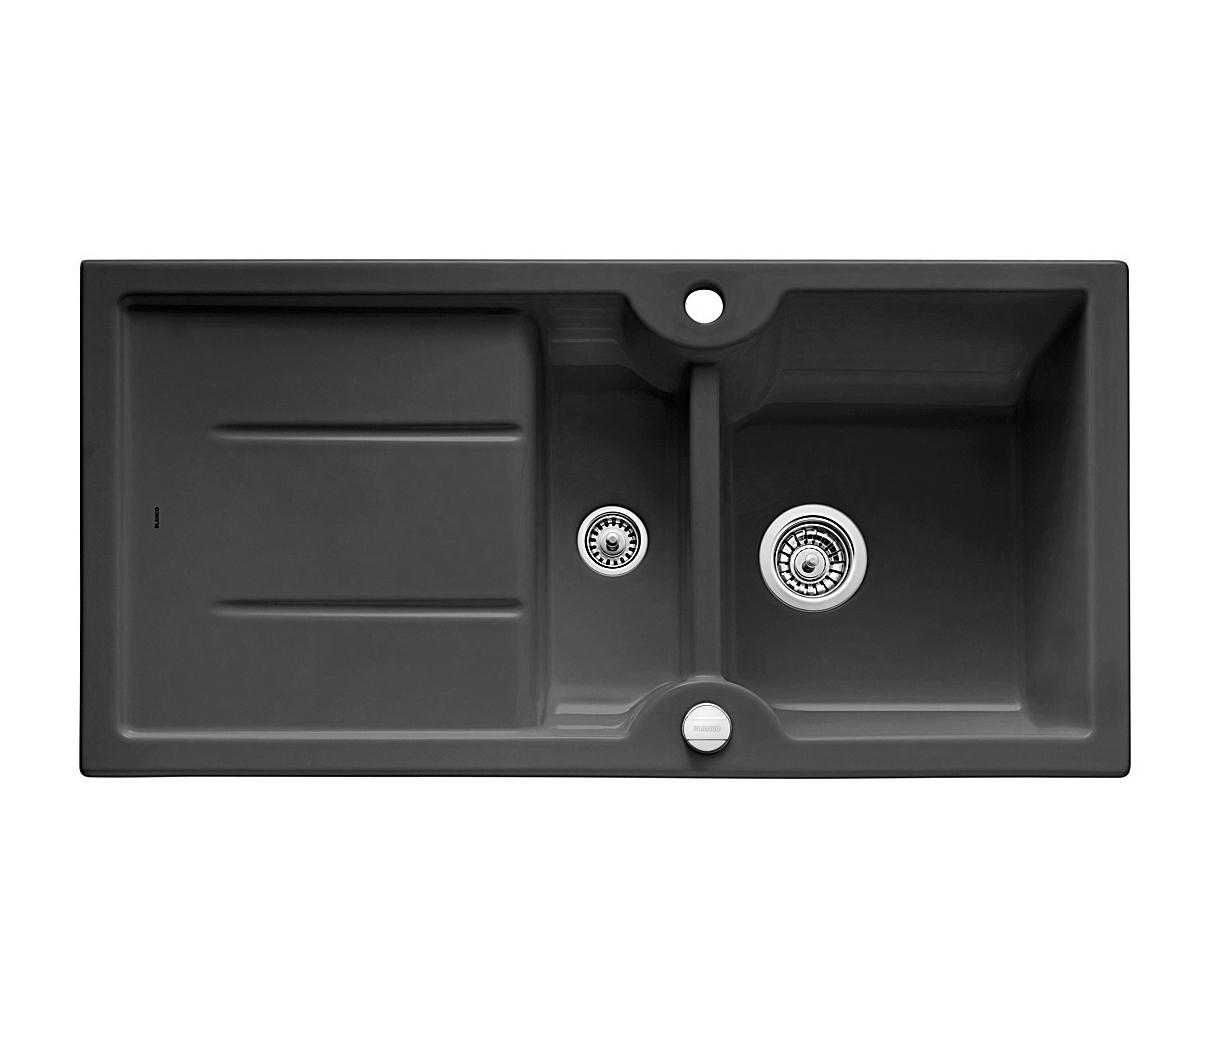 blanco idessa 6 s keramik schwarz k chensp lbecken von blanco architonic. Black Bedroom Furniture Sets. Home Design Ideas